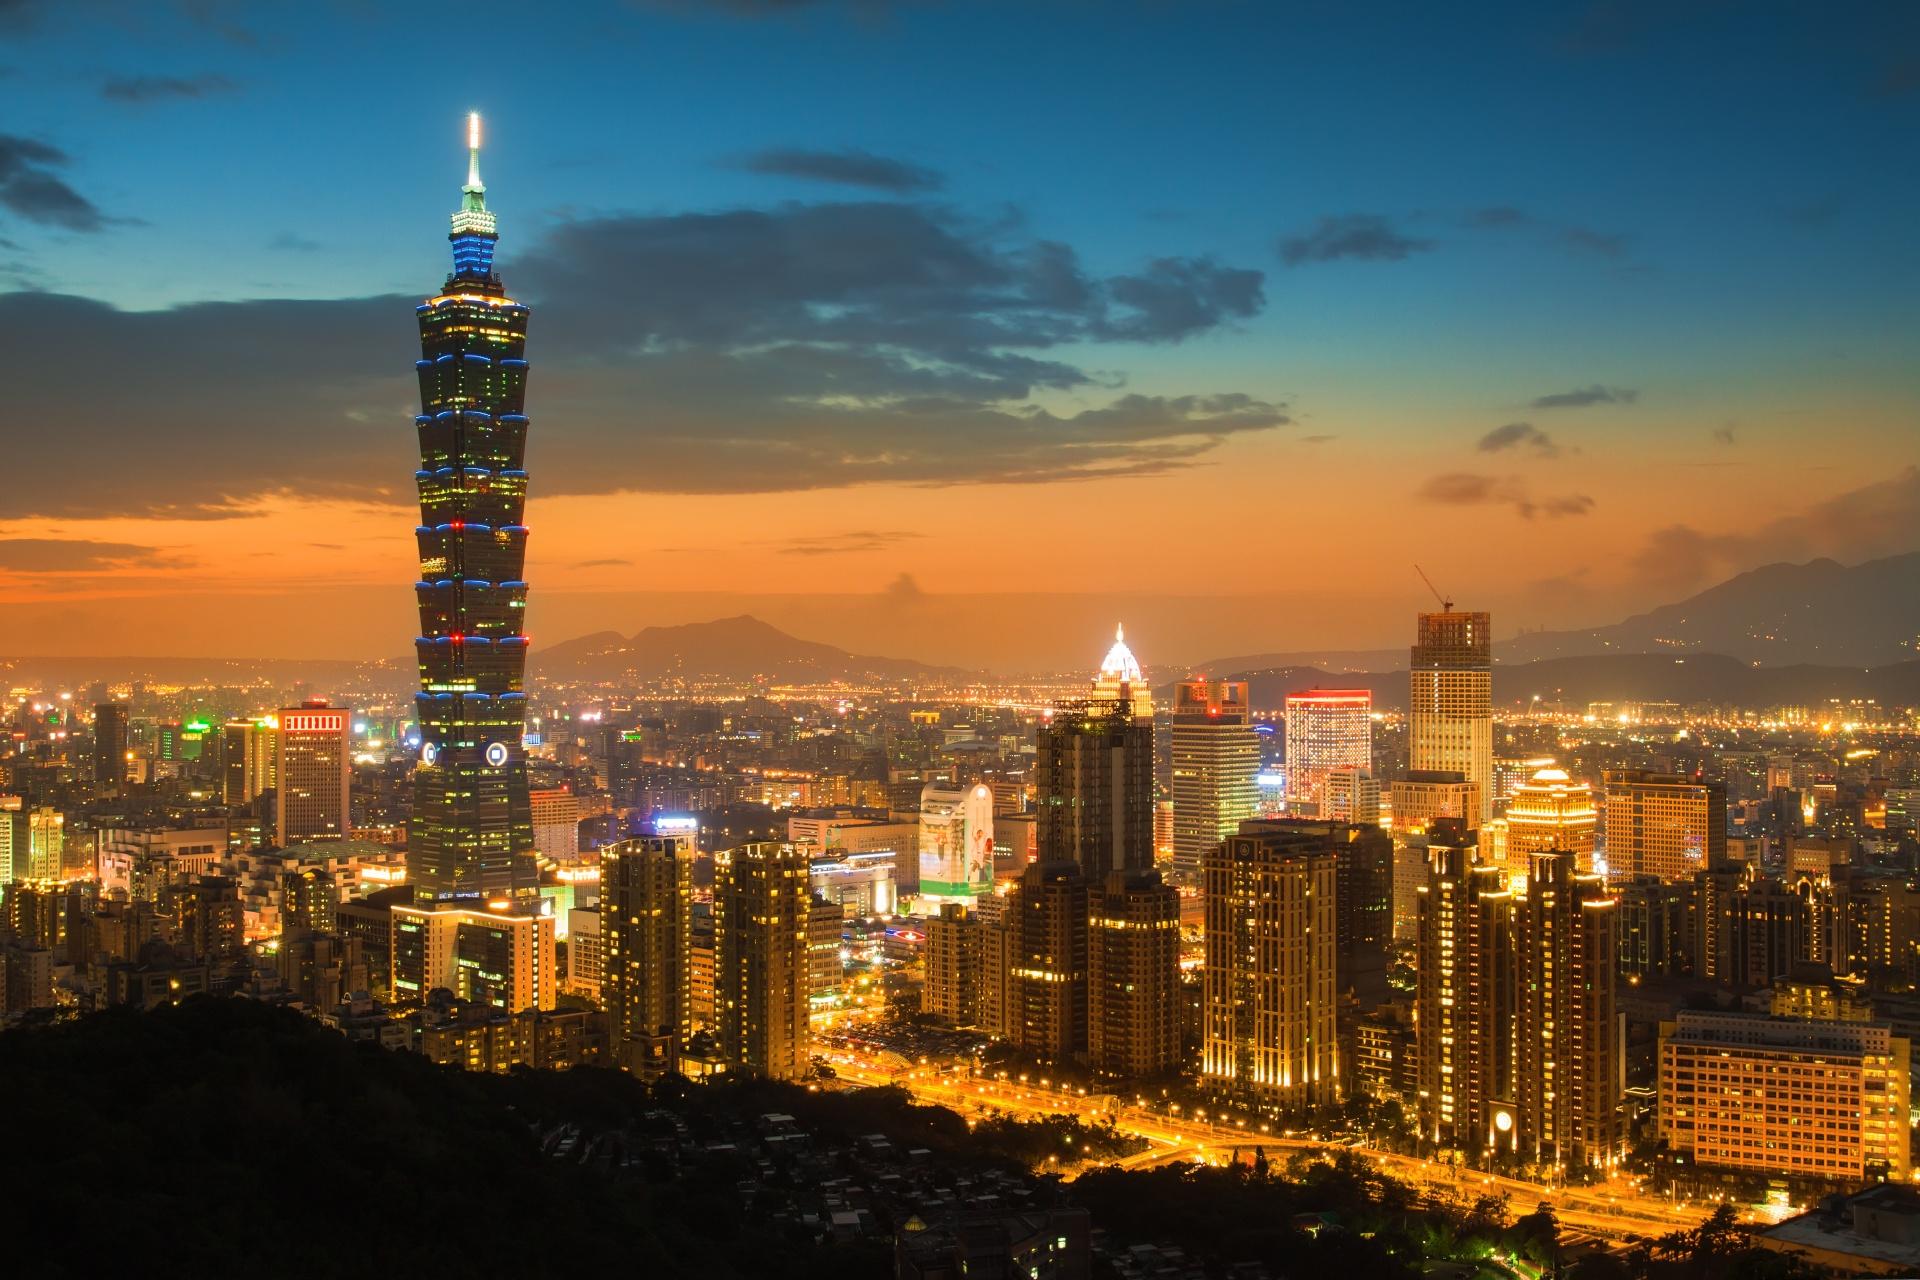 台北101と夕暮れ時の台北市の風景 台湾の風景